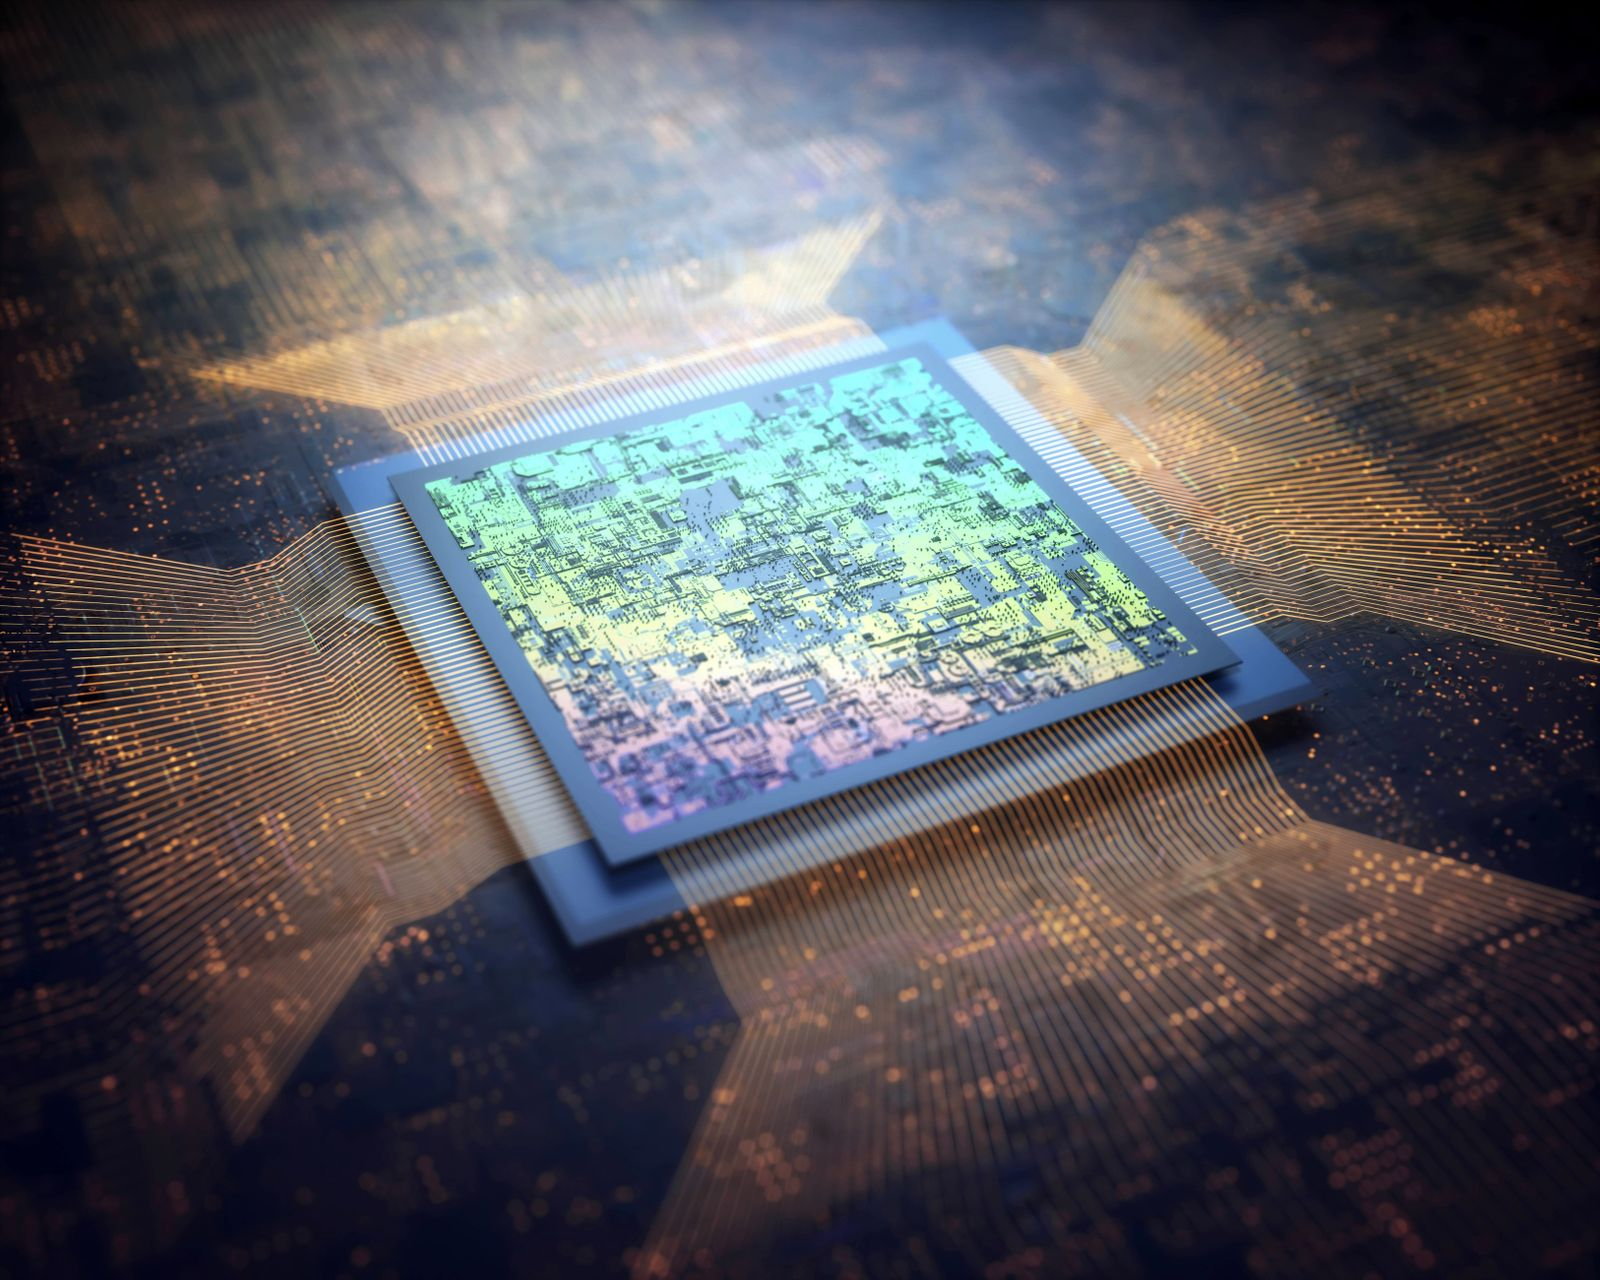 Microchip illustration Microchip illustration PUBLICATIONxINxGERxSUIxHUNxONLY KTSDESIGN SCIENCExP